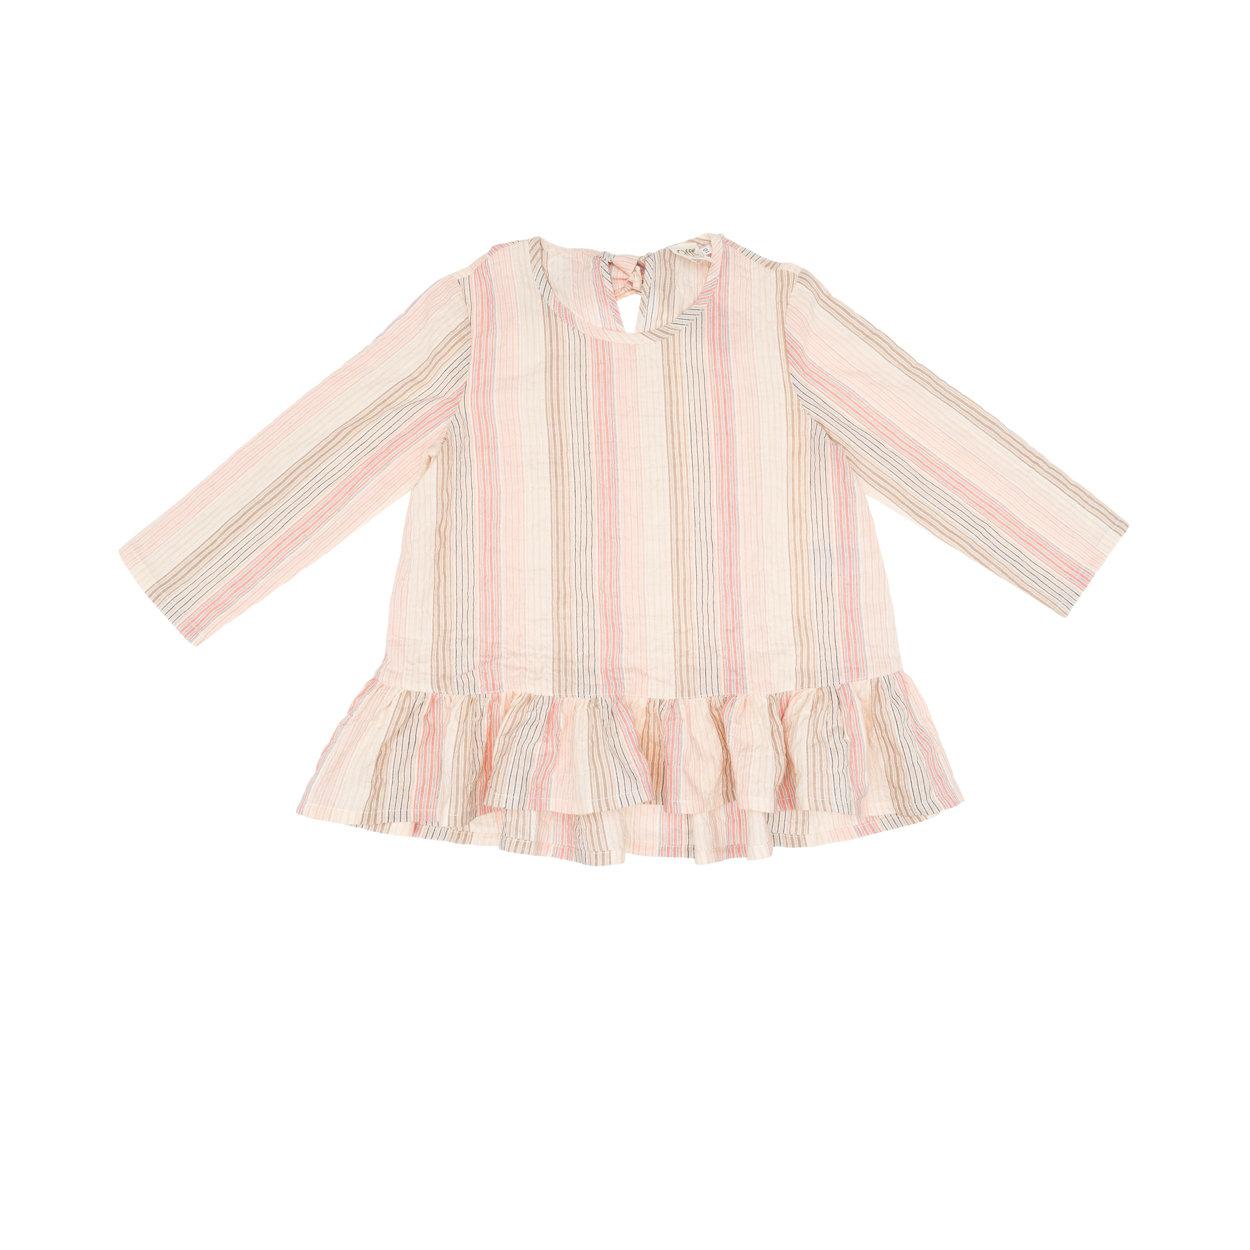 Image of Blusa con chiusura fiocco sul retro mille righe rosa